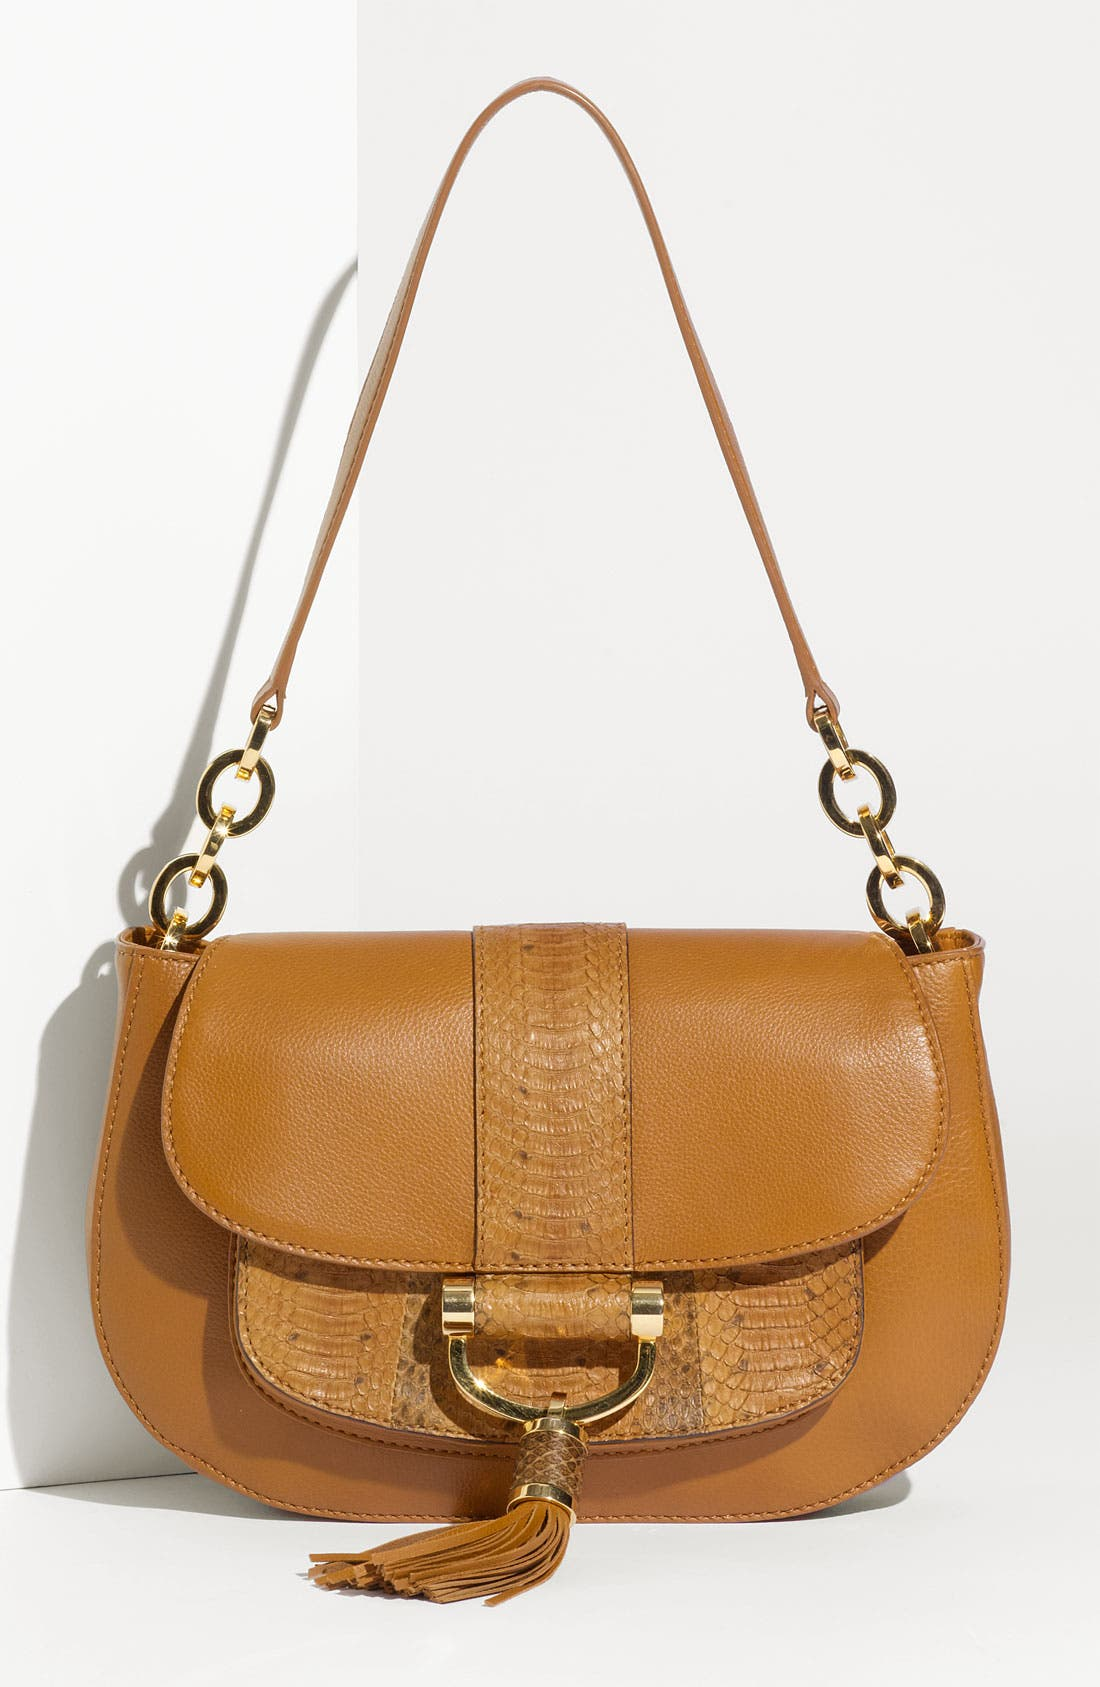 Alternate Image 1 Selected - Michael Kors 'Tonne' Shoulder Bag